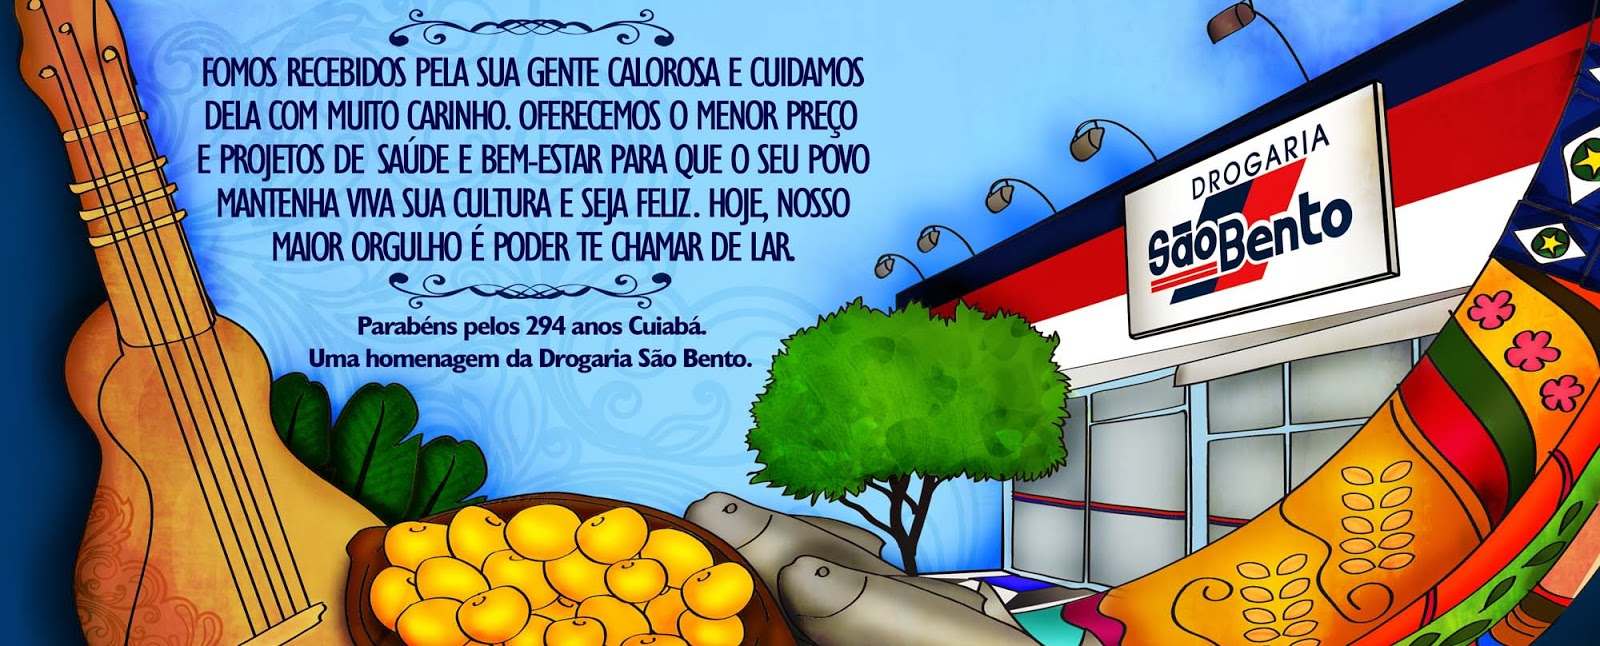 Aniversario De Texto: The Page Can Be Displayed: São Bento